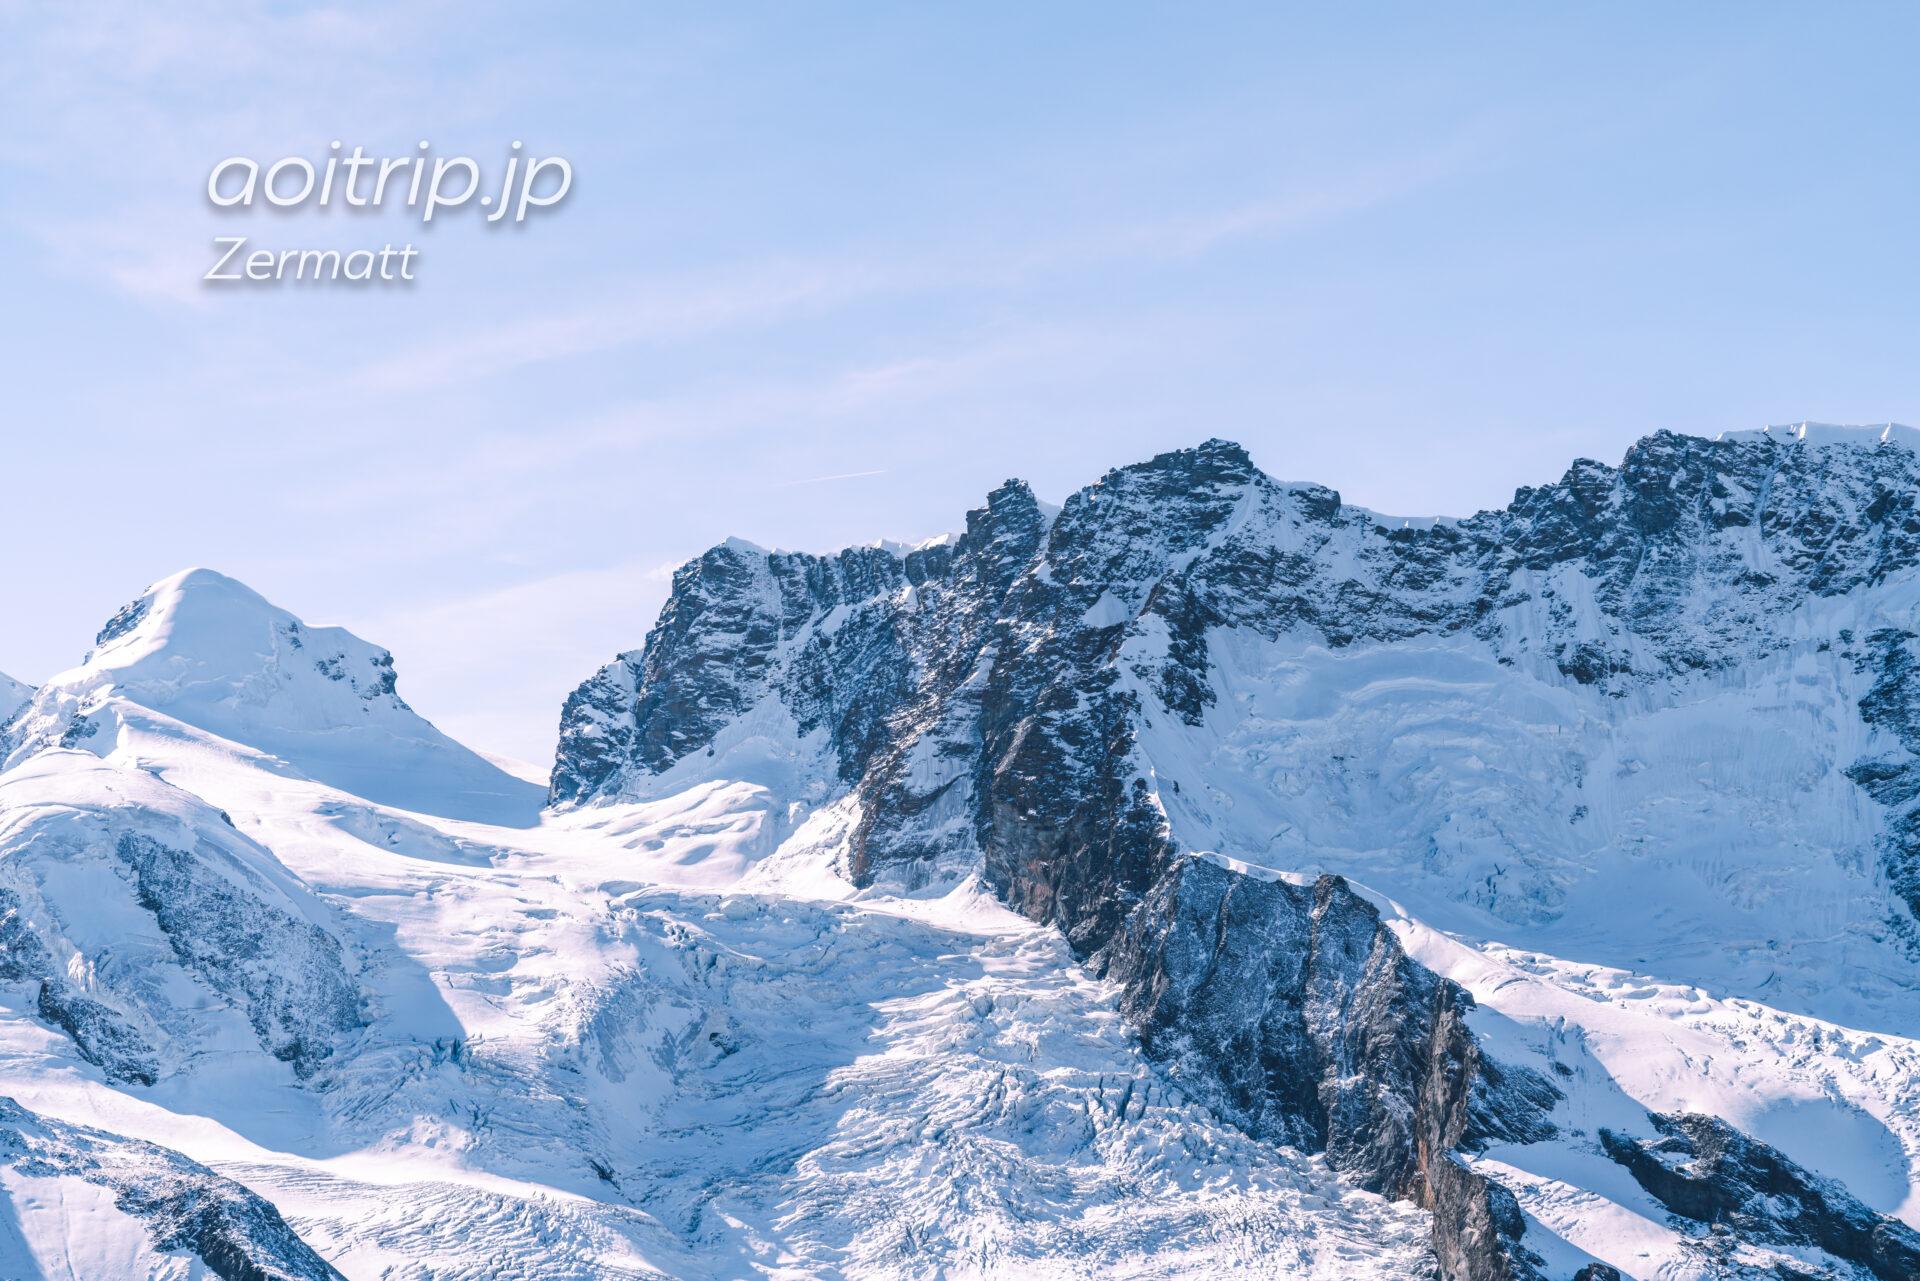 標高4,075mのロッチャ ネーラ(Roccia Nera)、4,139mのブライトホルンツヴィリンゲ(Breithornzwillinge)